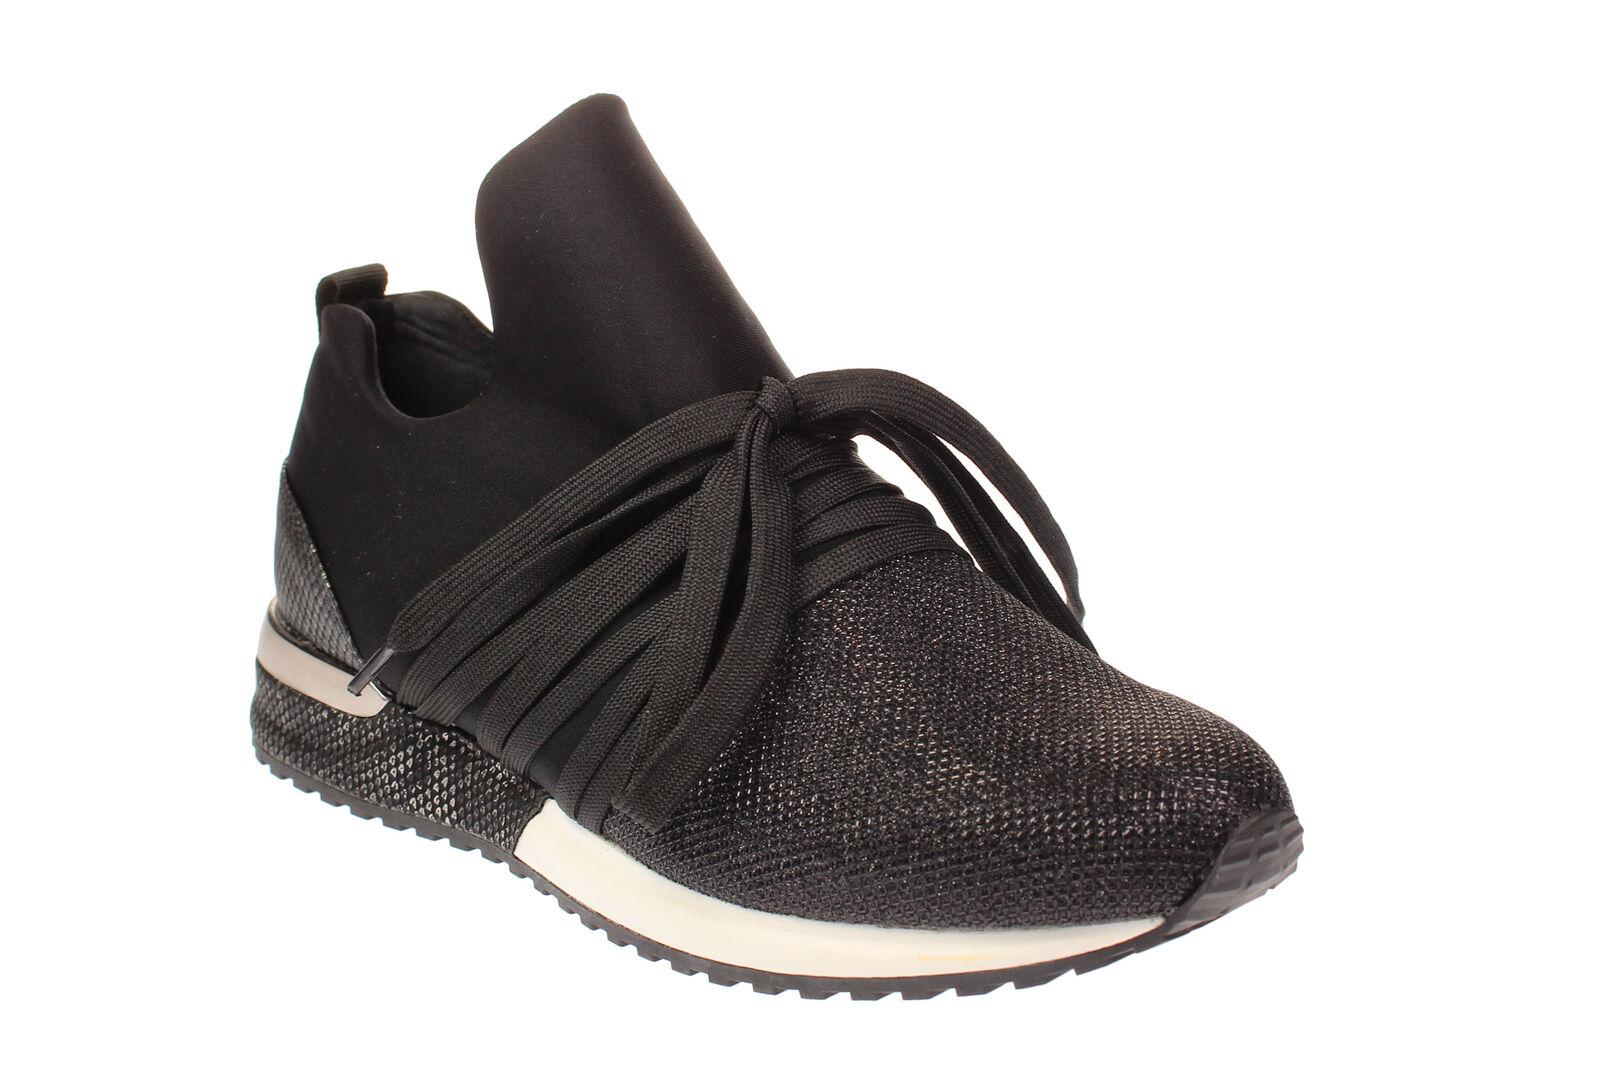 gran selección y entrega rápida La Strada Strada Strada 1804189-señora zapatos casual - 4001  Ven a elegir tu propio estilo deportivo.